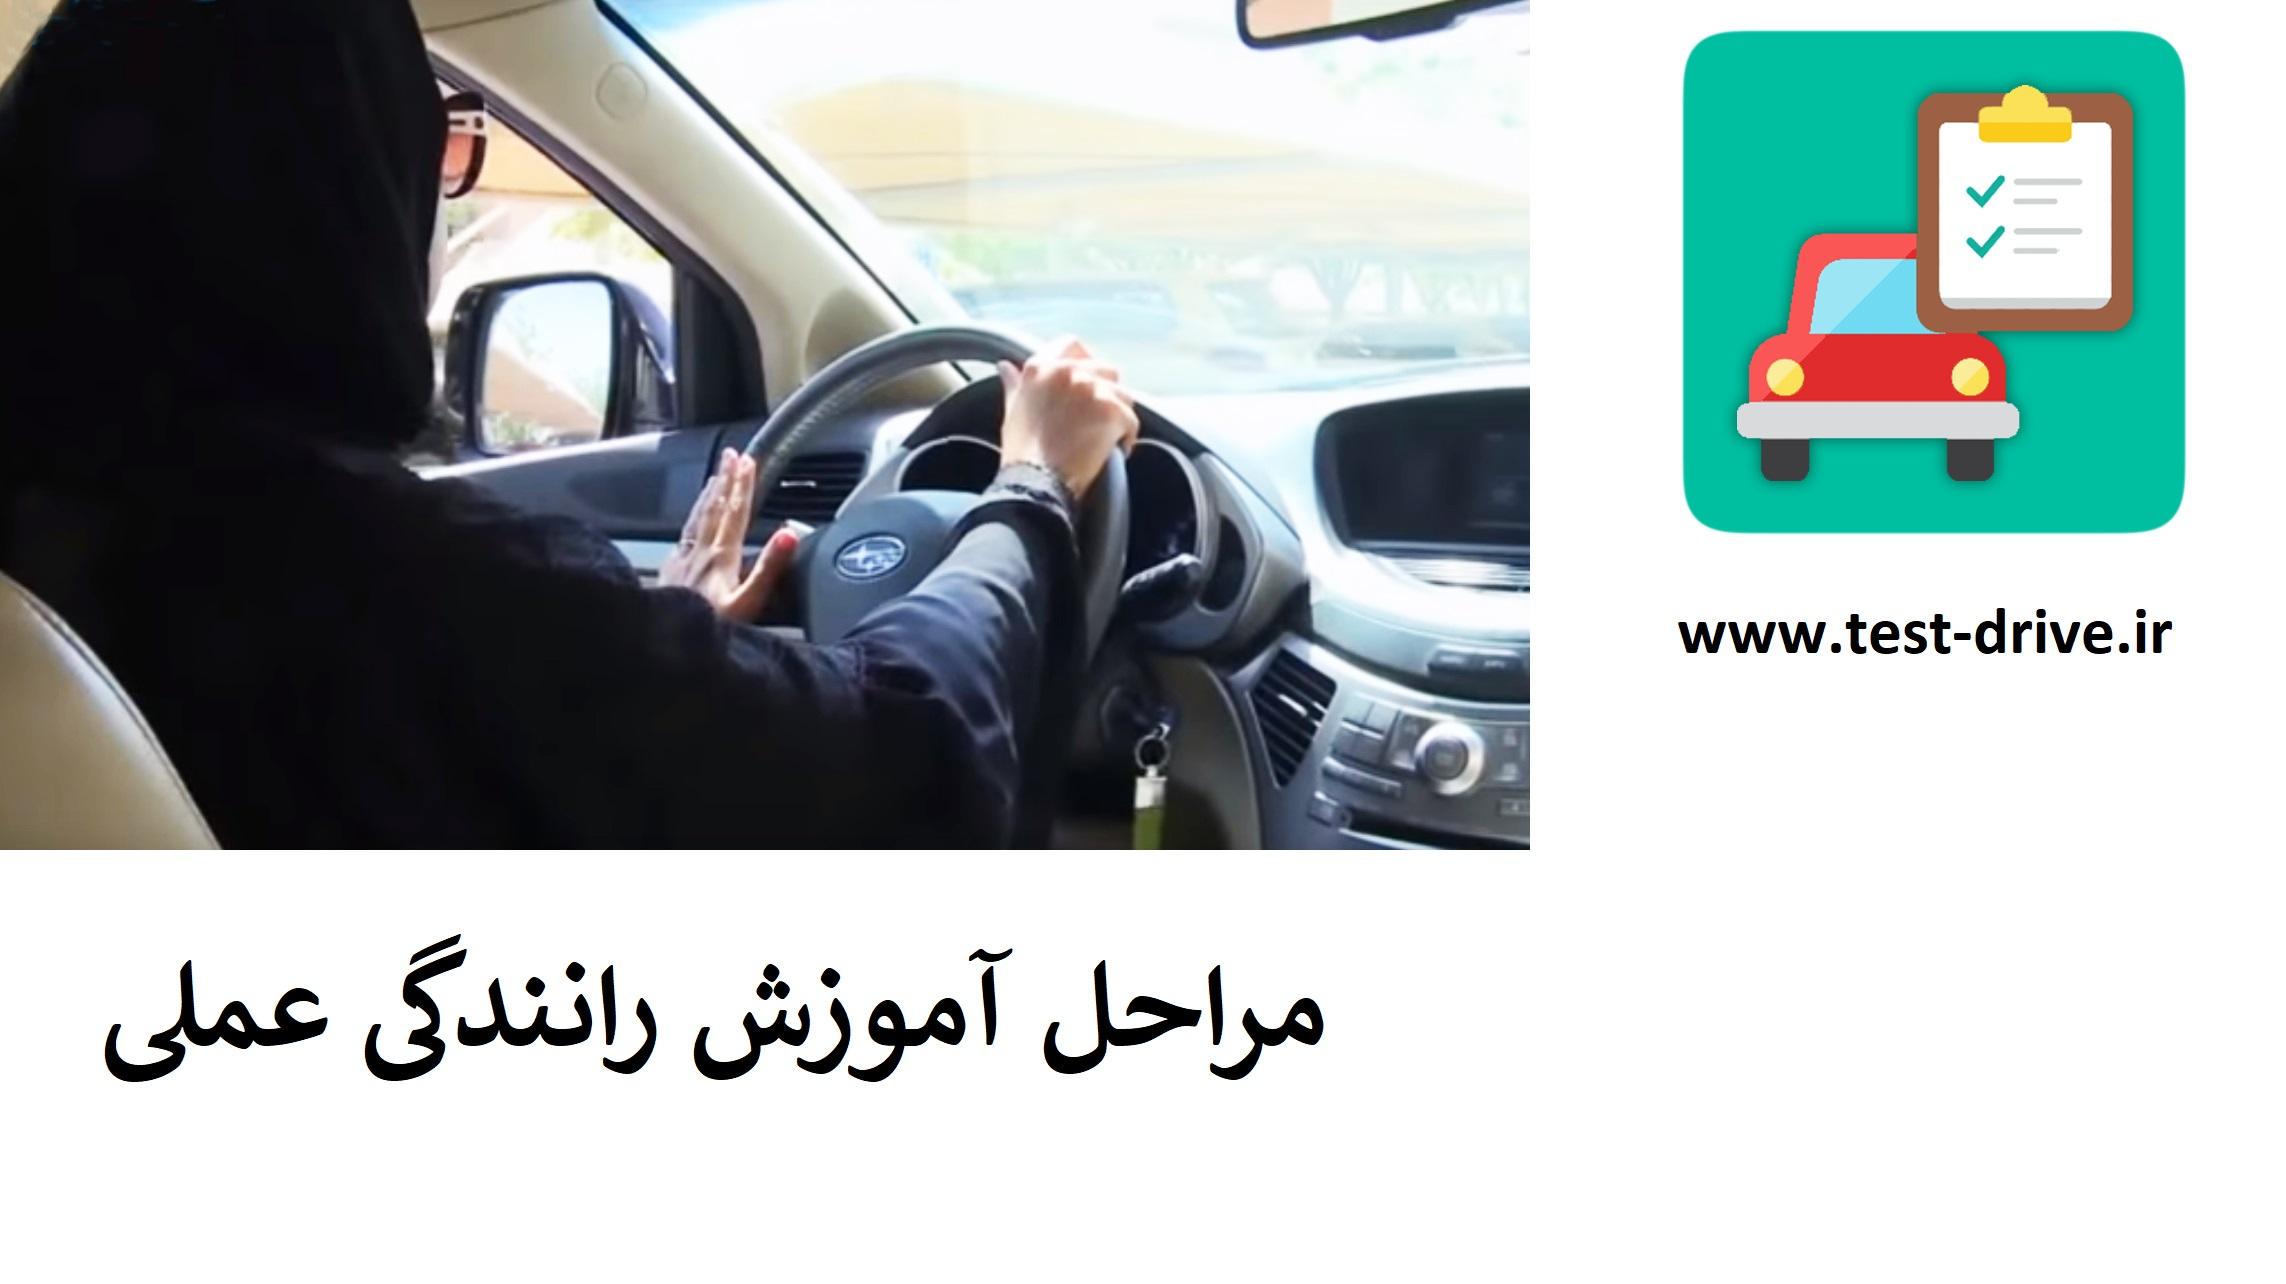 مراحل آموزش رانندگی عملی